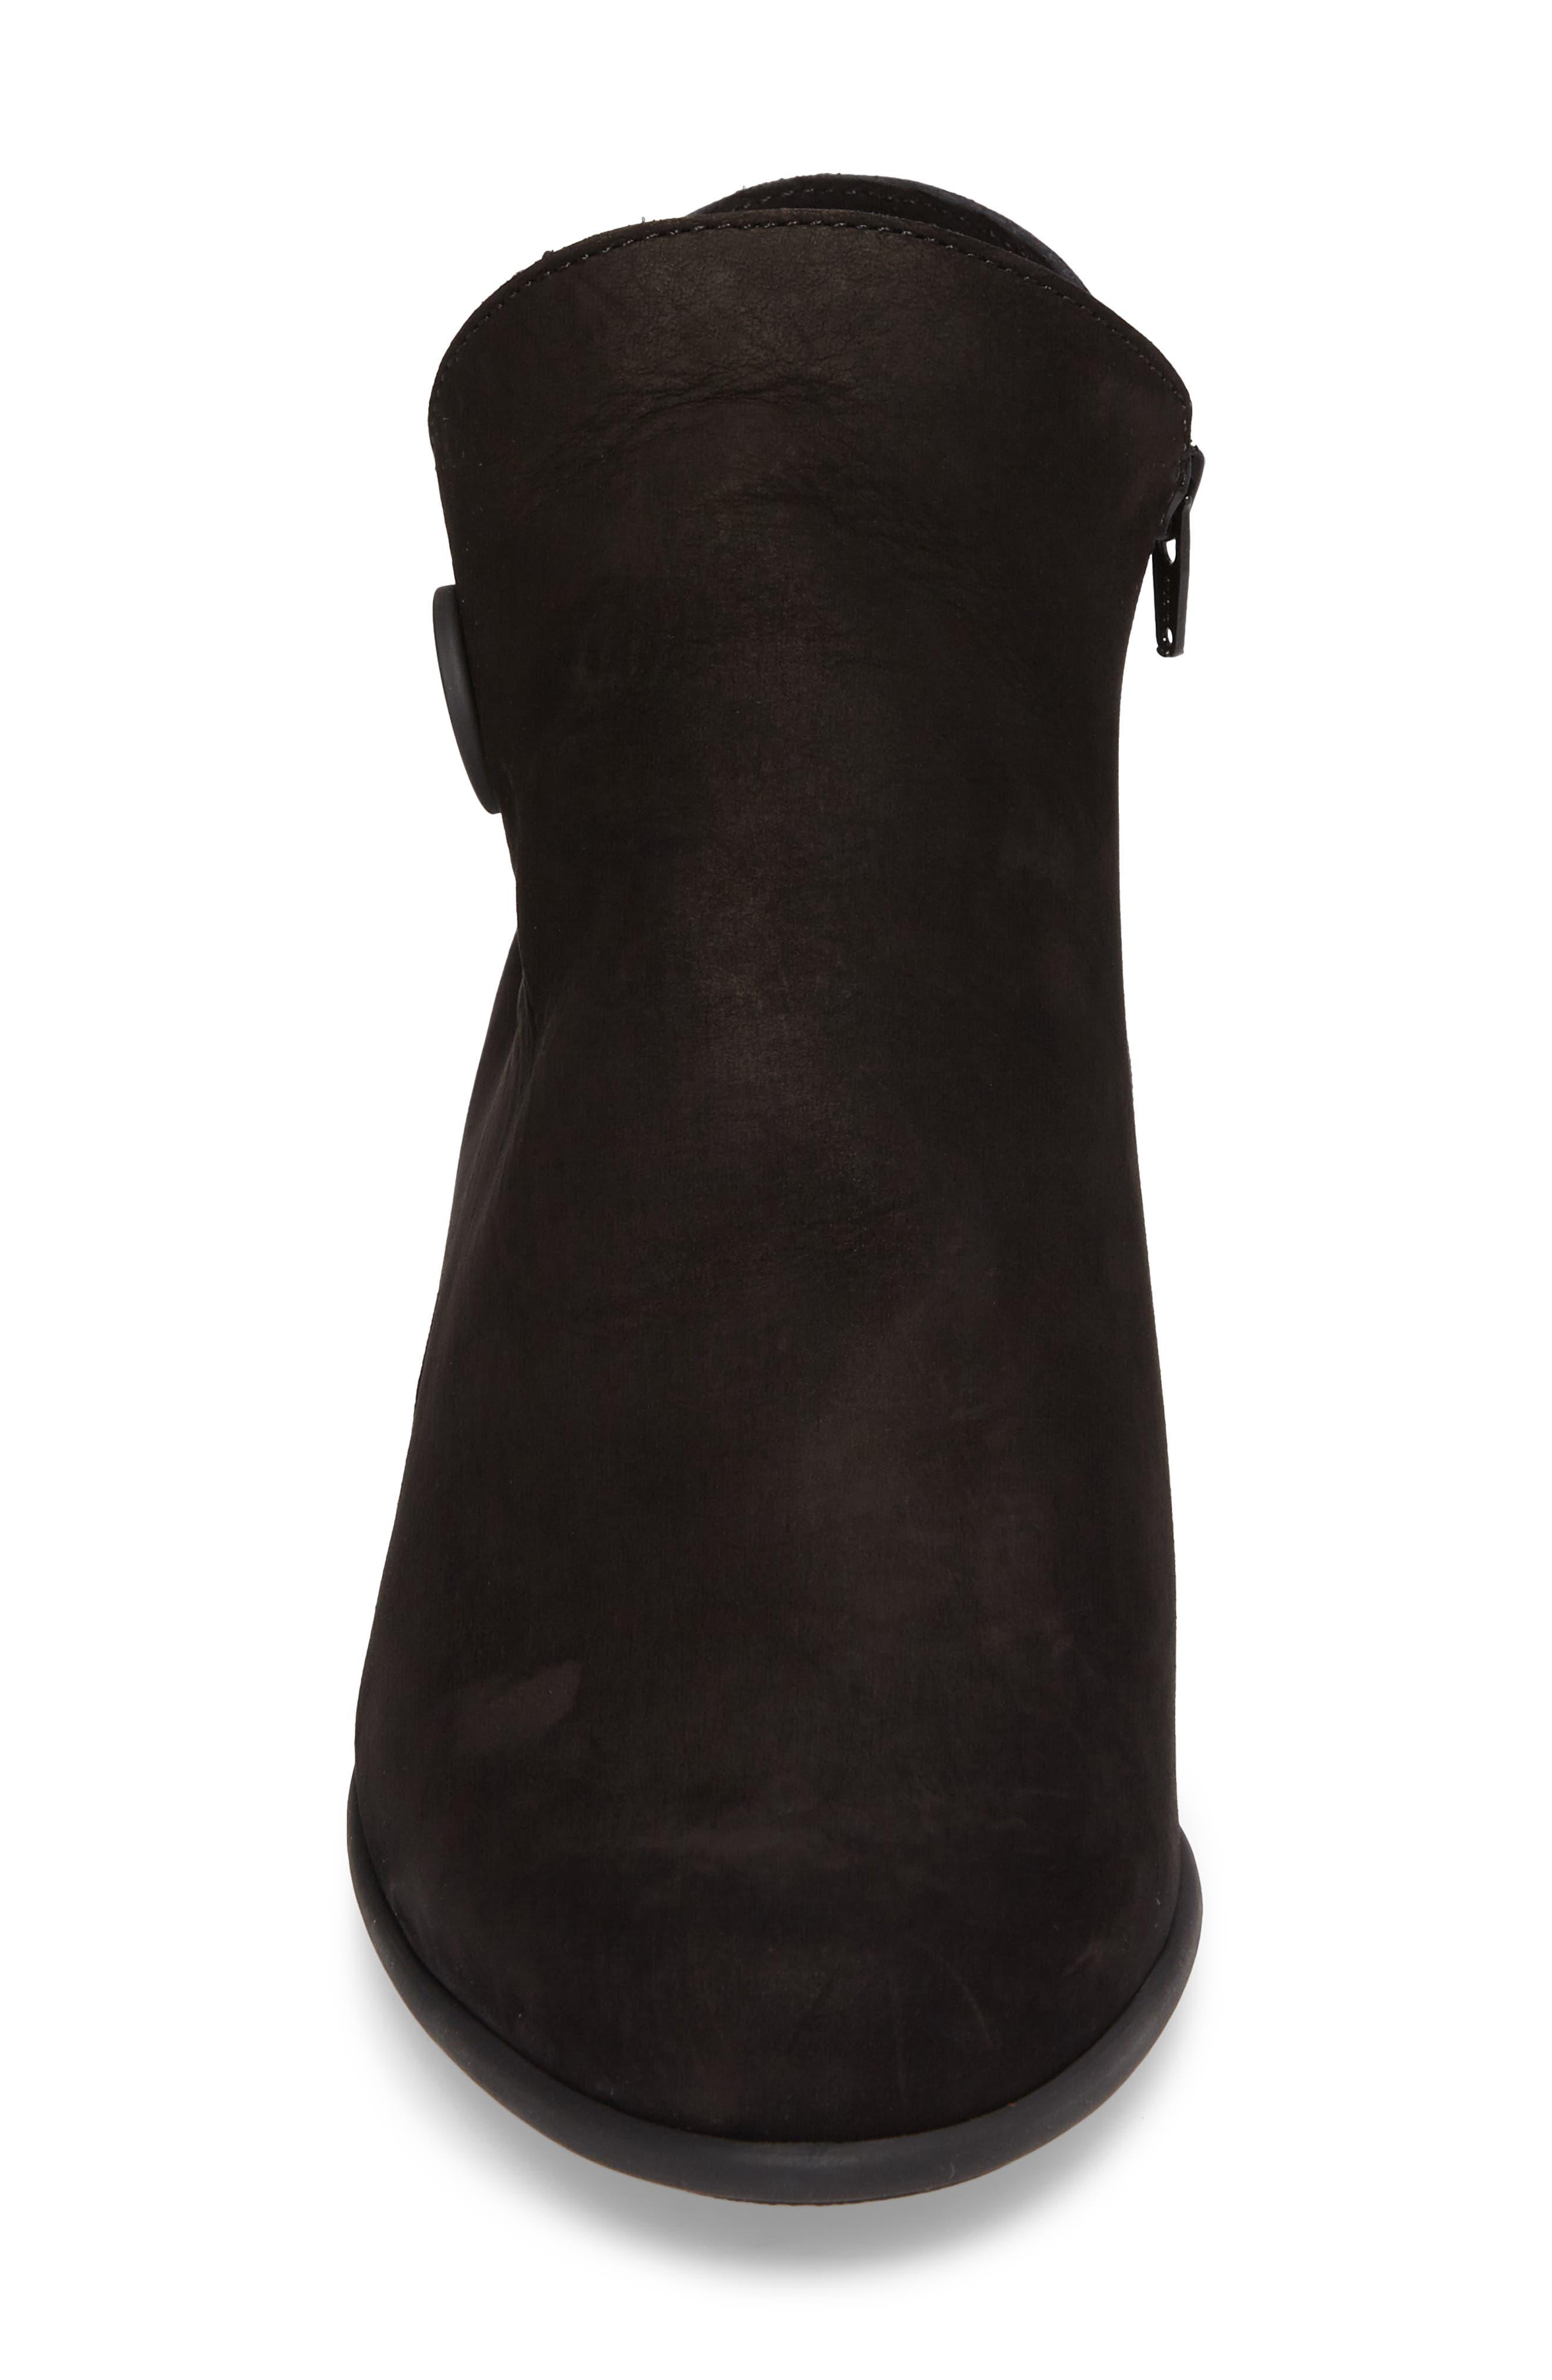 Mussem Water Resistant Bootie,                             Alternate thumbnail 4, color,                             Noir Nubuck Leather